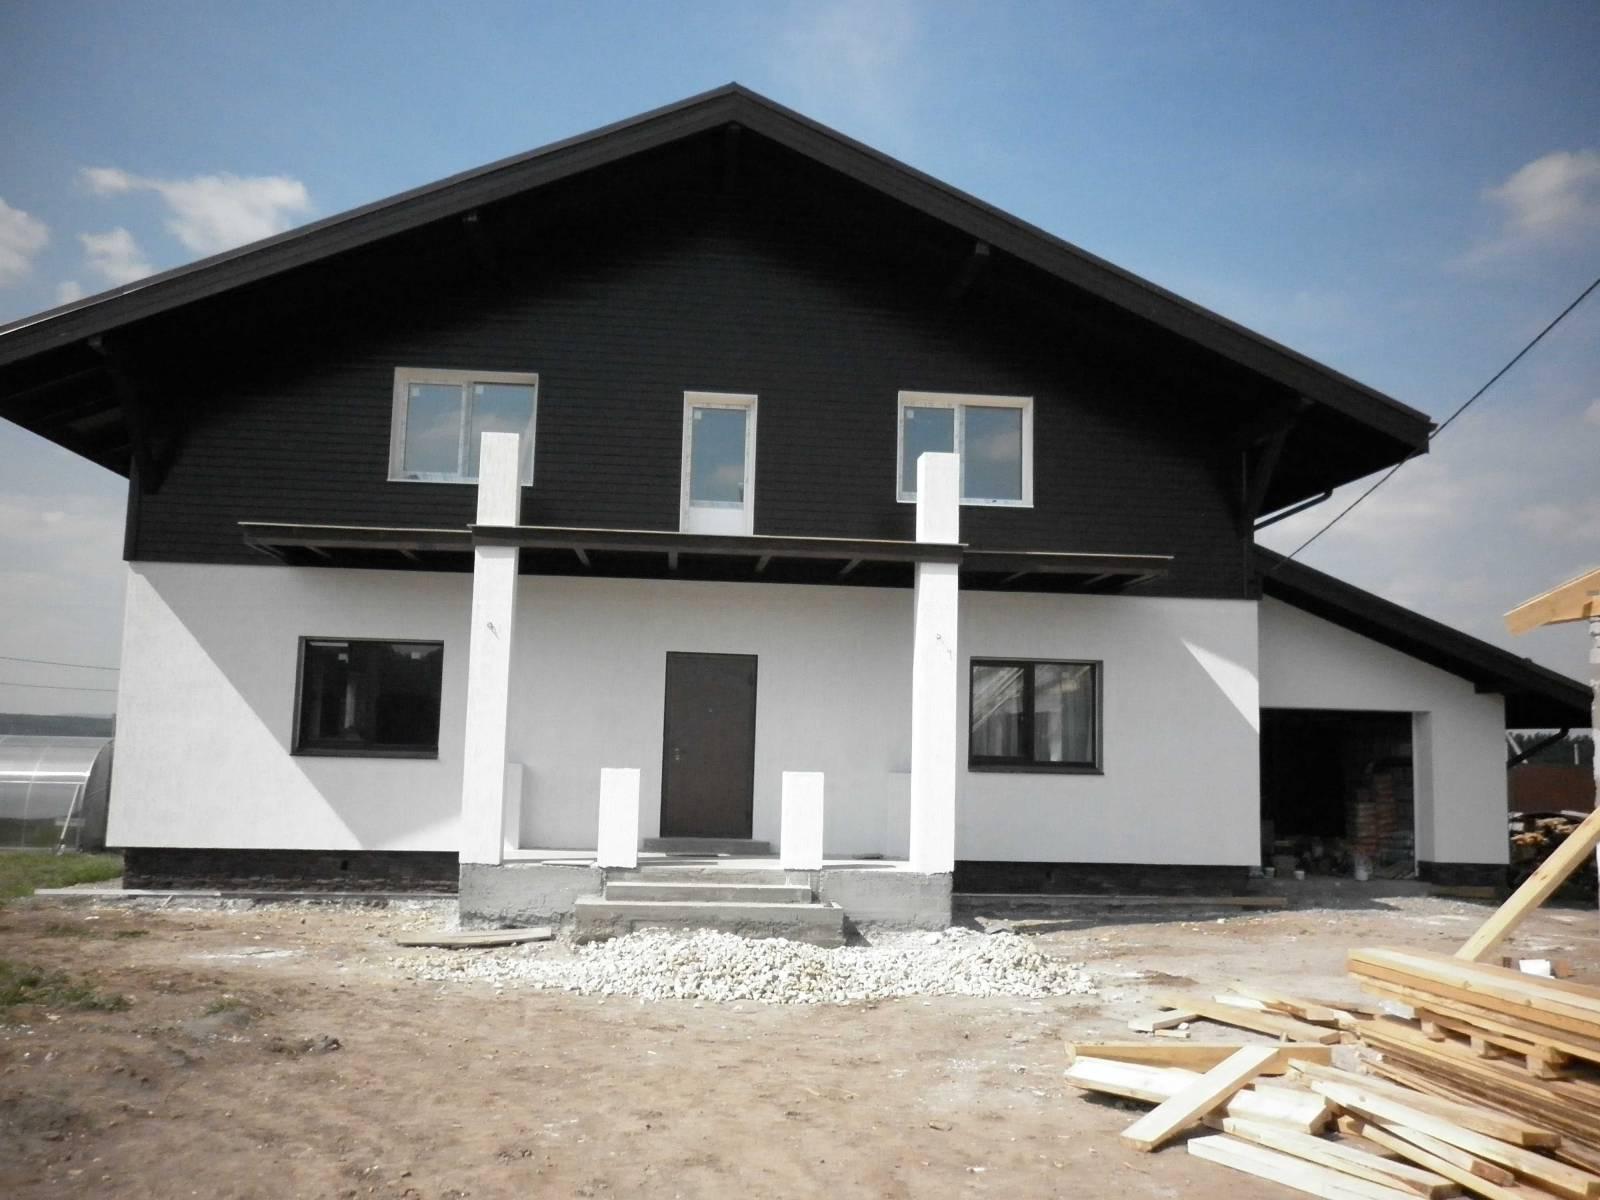 Строительство домов, коттеджей, ремонт и монтаж кровли, отделка квартир и офисов